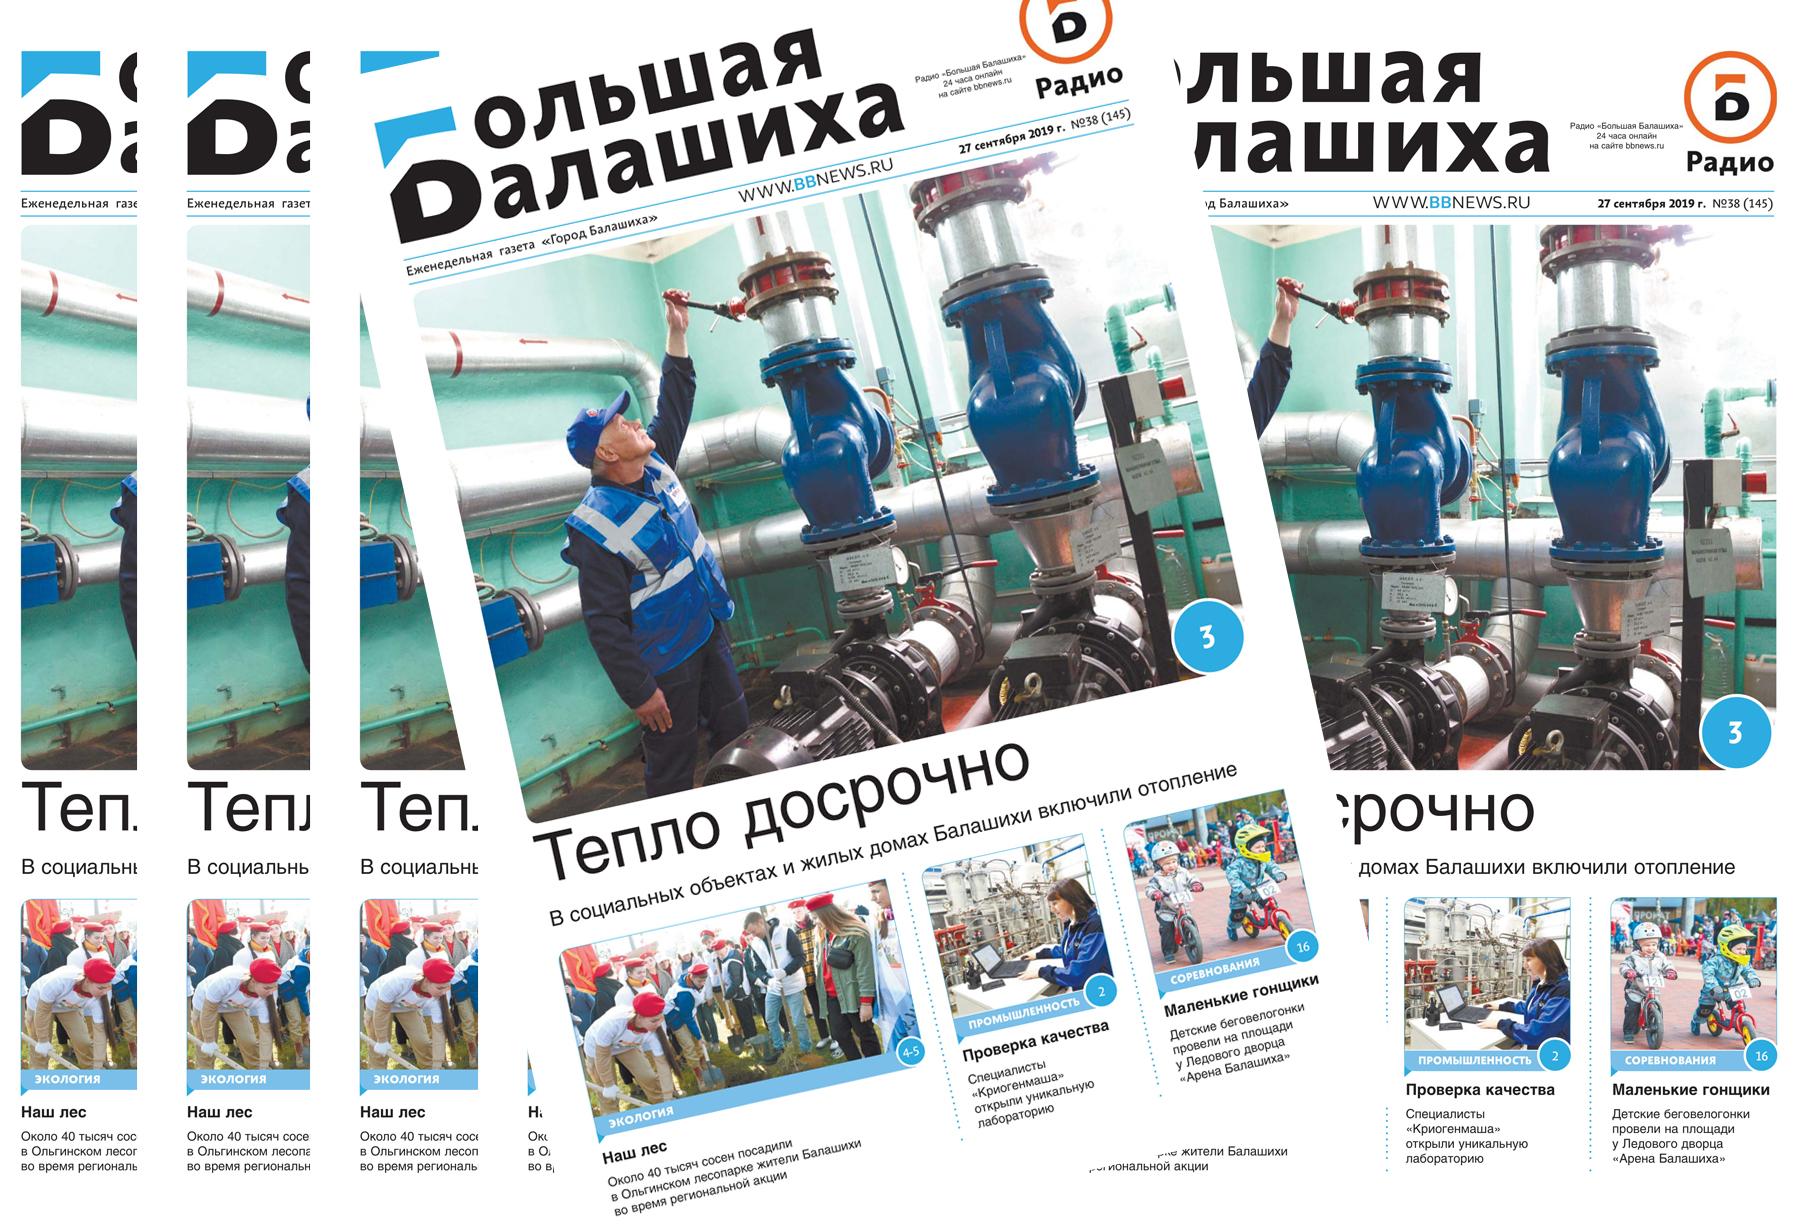 Вышла газета «Город Балашиха» №38 (145)